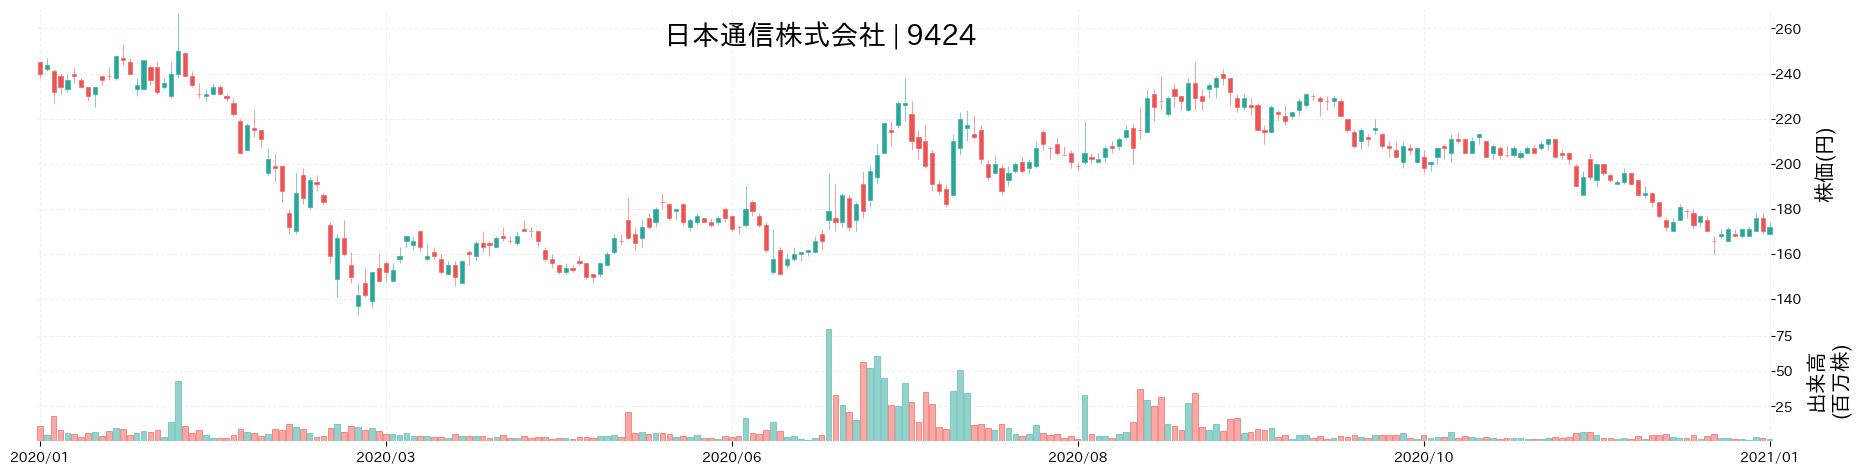 日本通信株式会社の株価推移(2020)